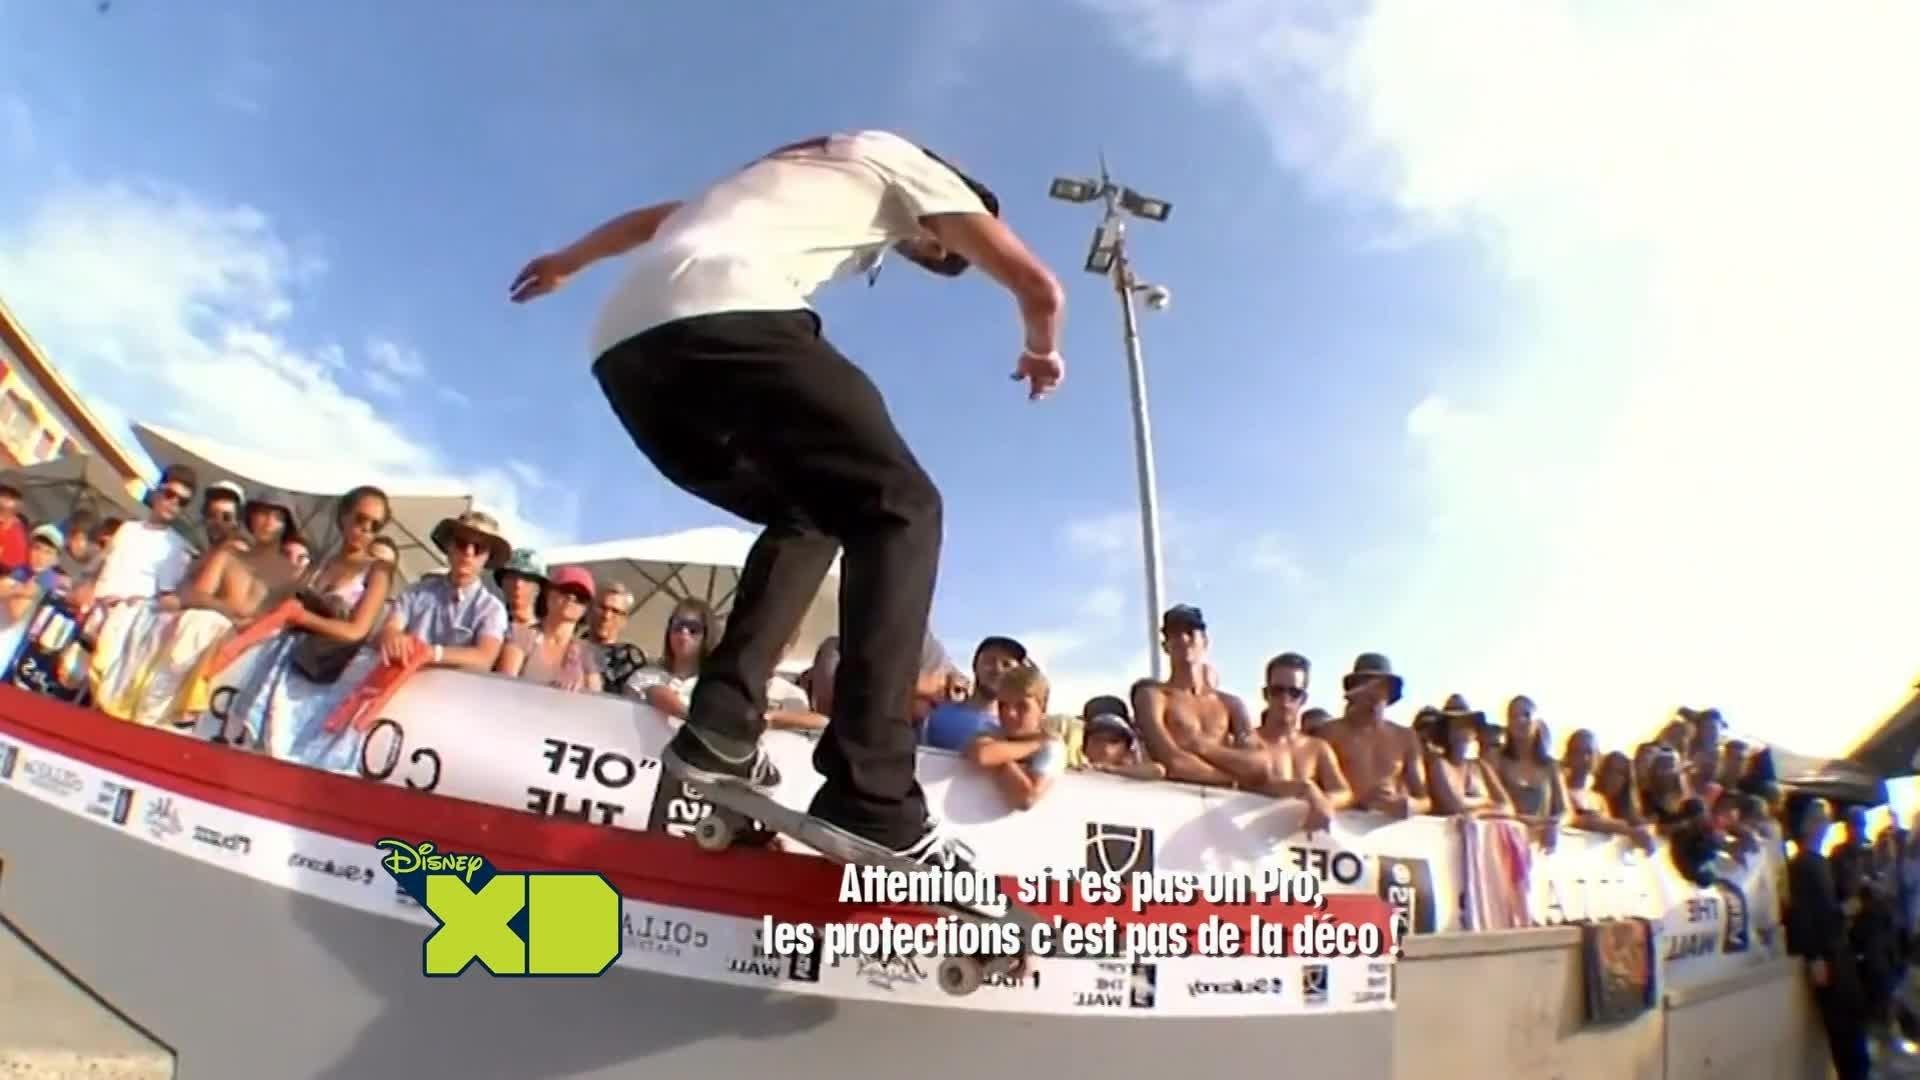 Disney XD Sport News - Hossegor : Skate